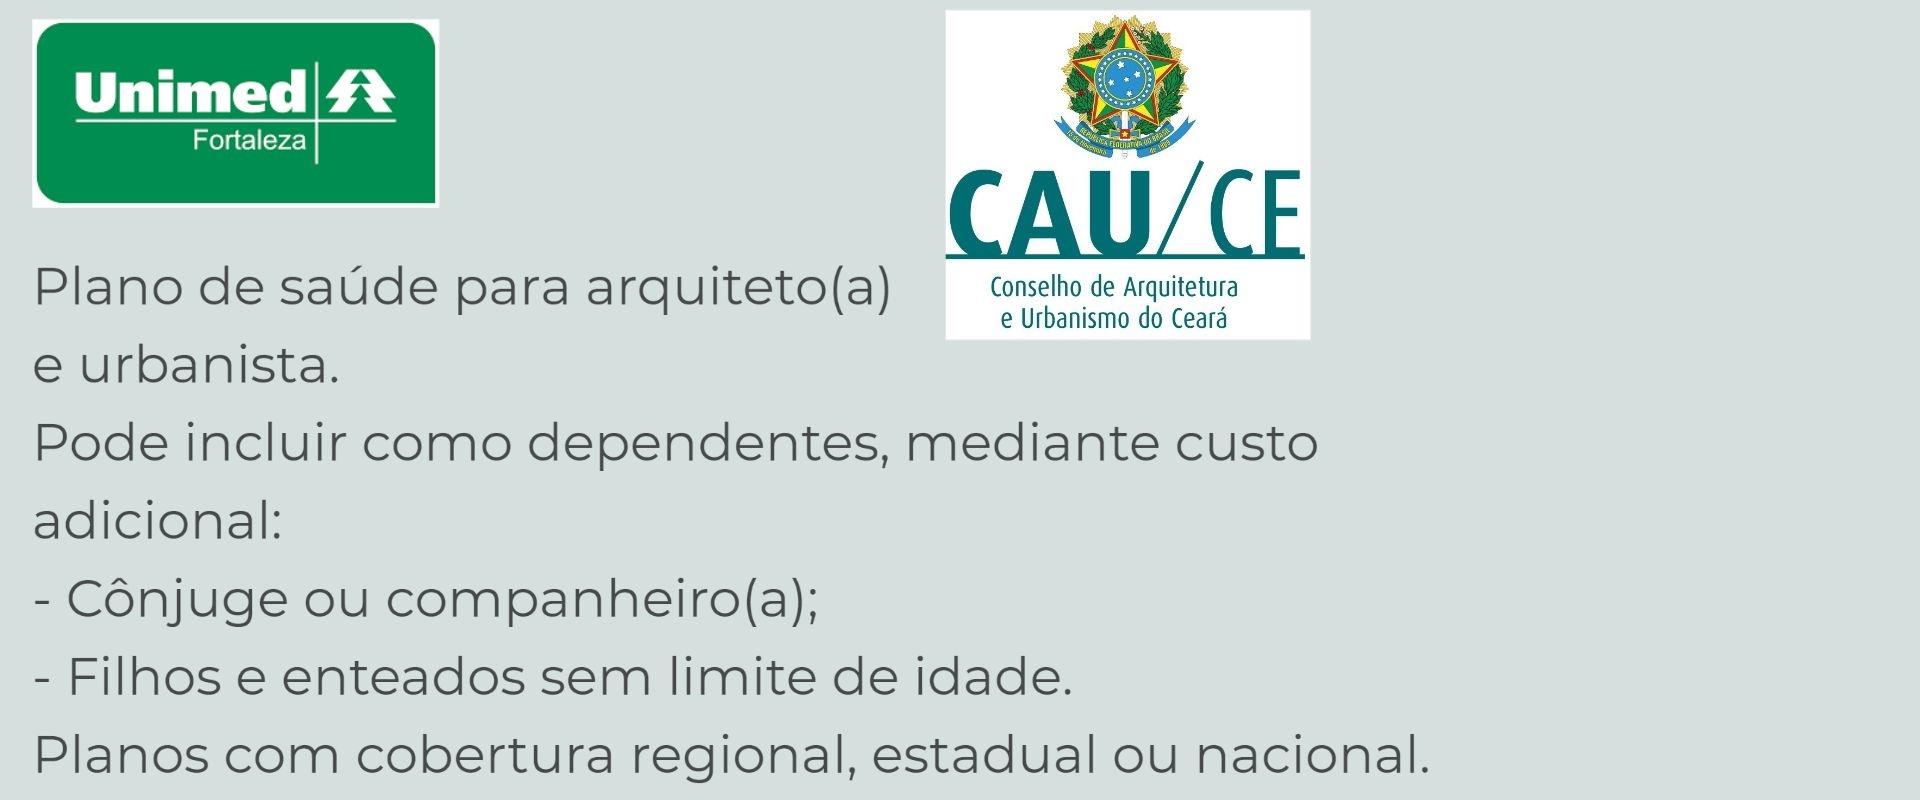 Unimed CAU em Juazeiro do Norte